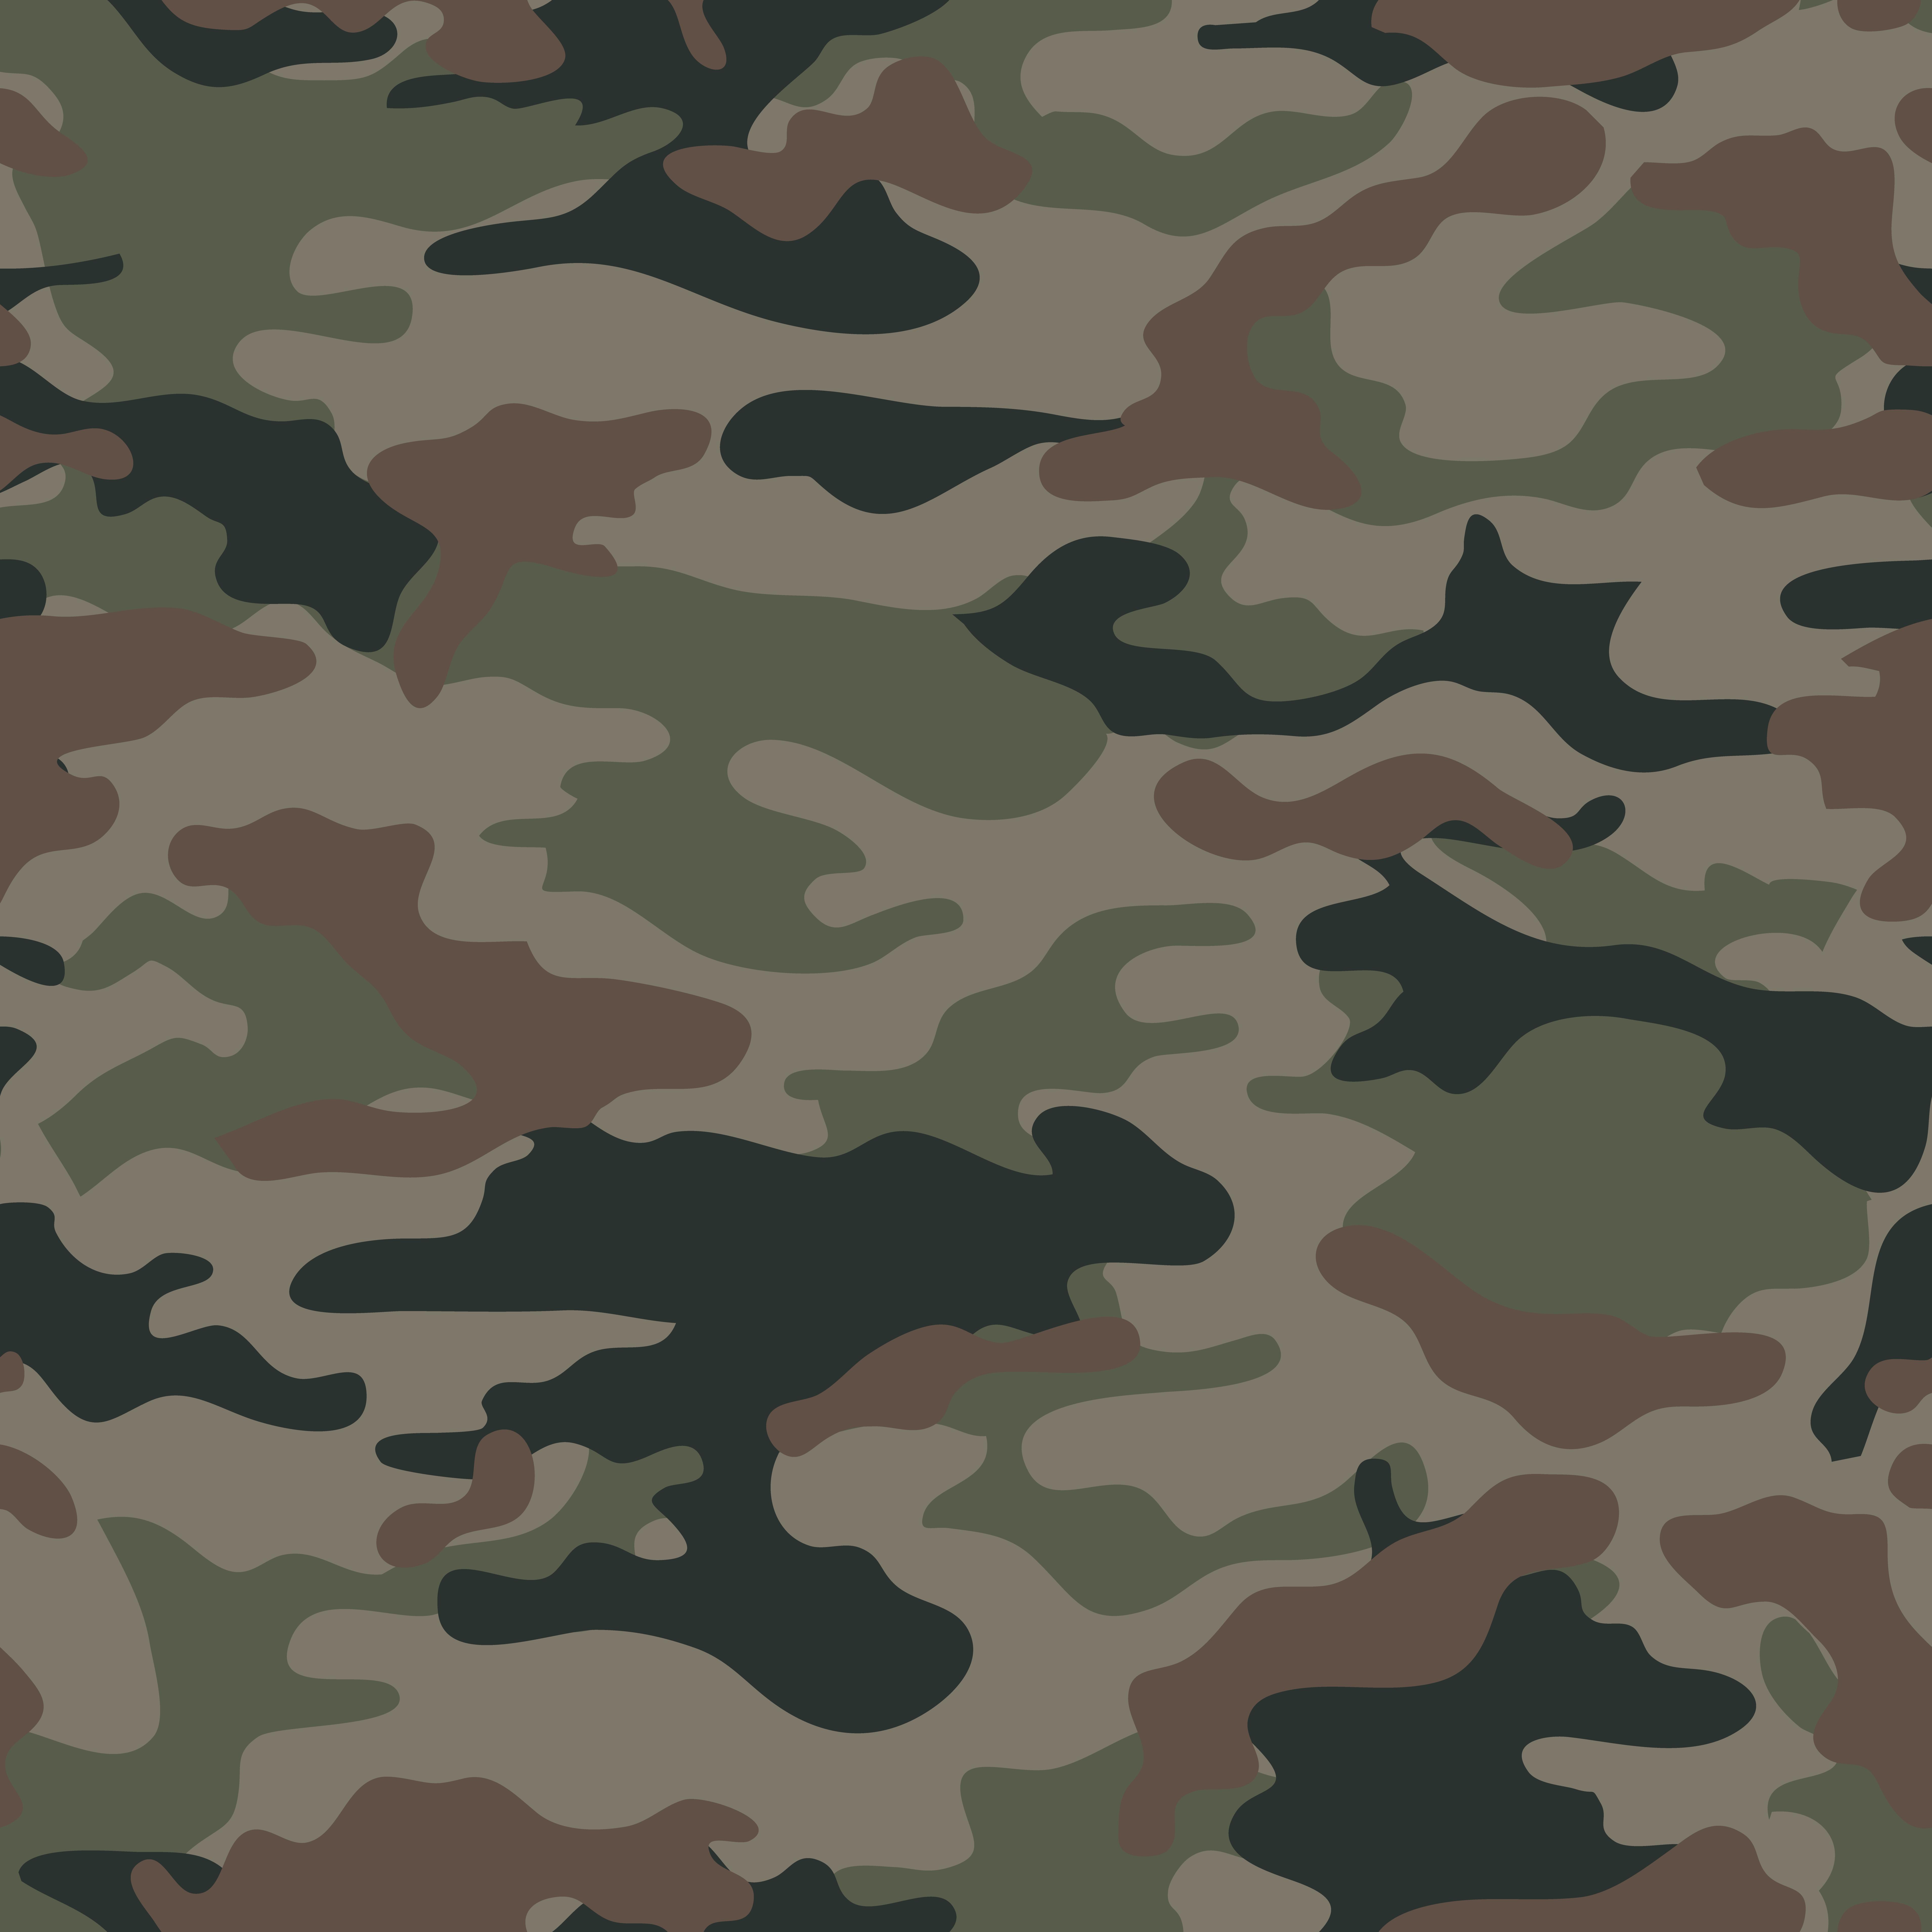 Pin de Юлия Из Беларуси en Camouflage | Pinterest | Fondo de ...